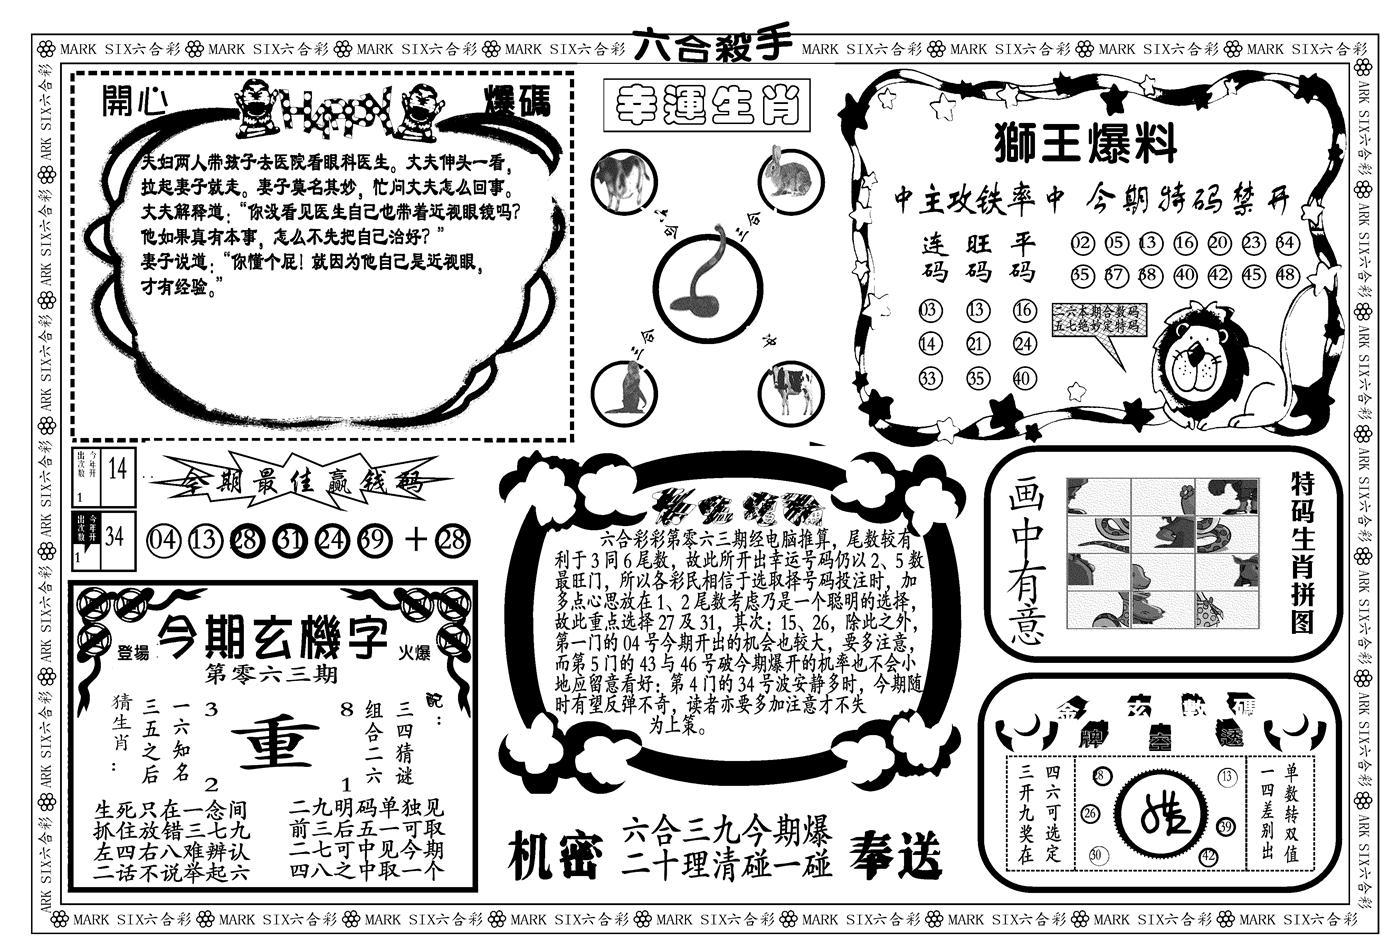 063期新六合杀手B(黑白)